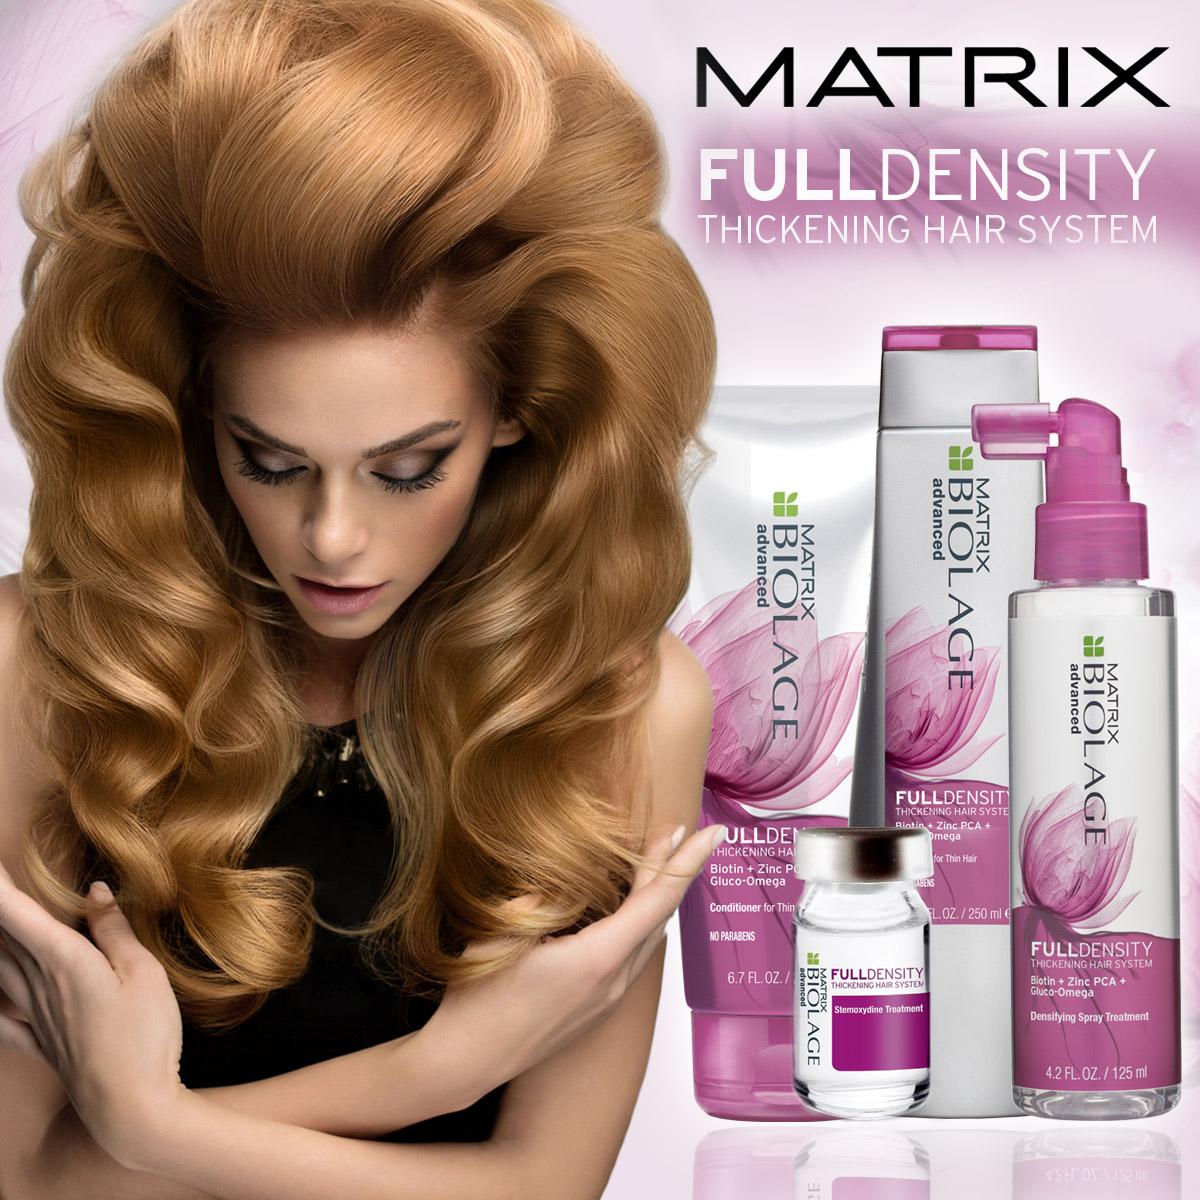 Fulldensity Biolage Advanced od Matrix odstraní vaše problémy s řídkými vlasy.